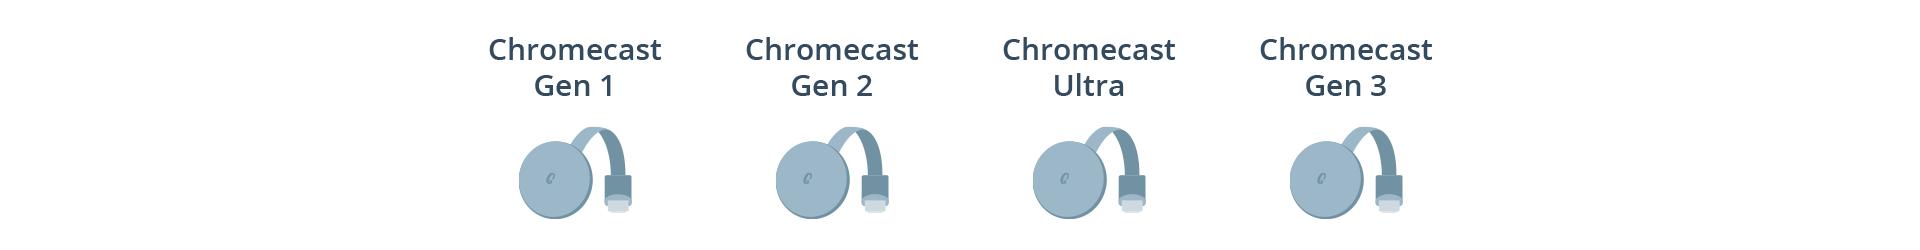 Chromecast Banner